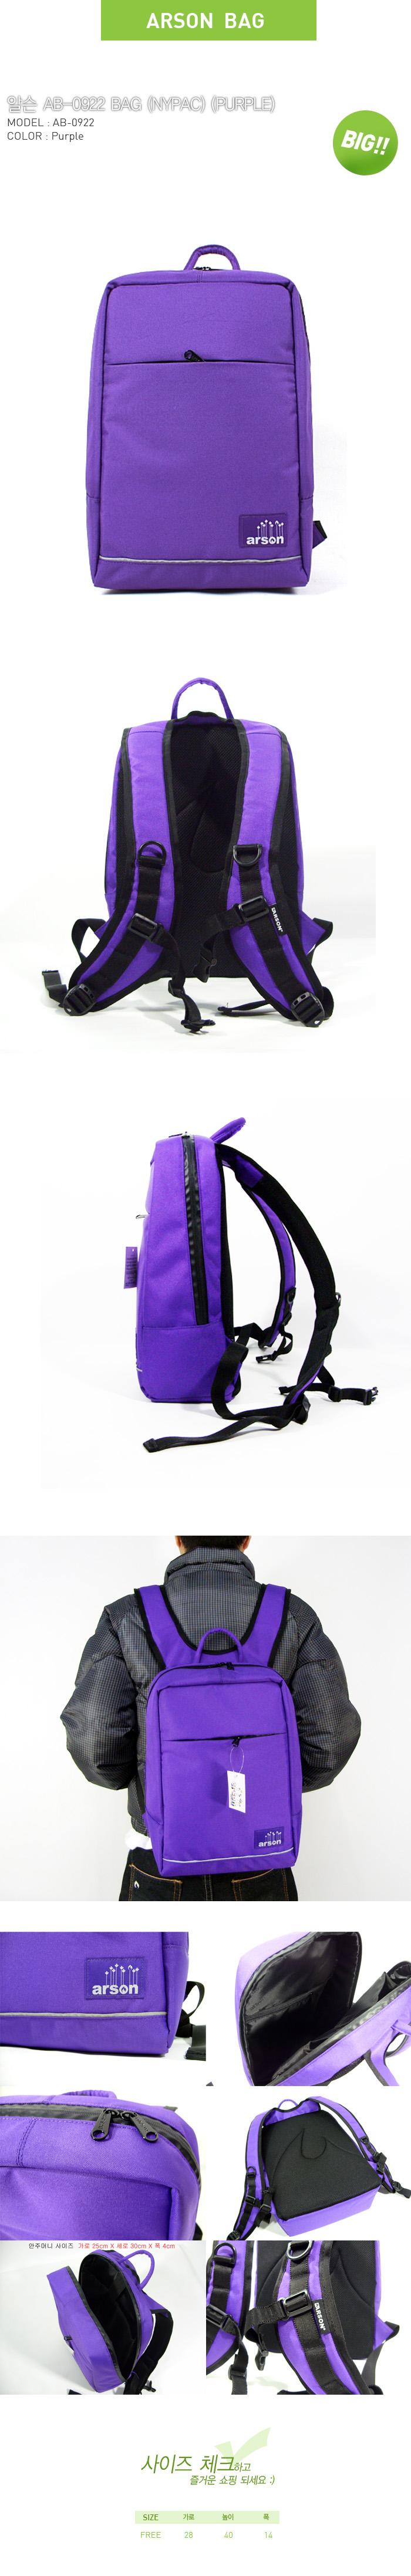 [ ARSON ] AB-0922 Nypac (Purple)/Backpack School Bag